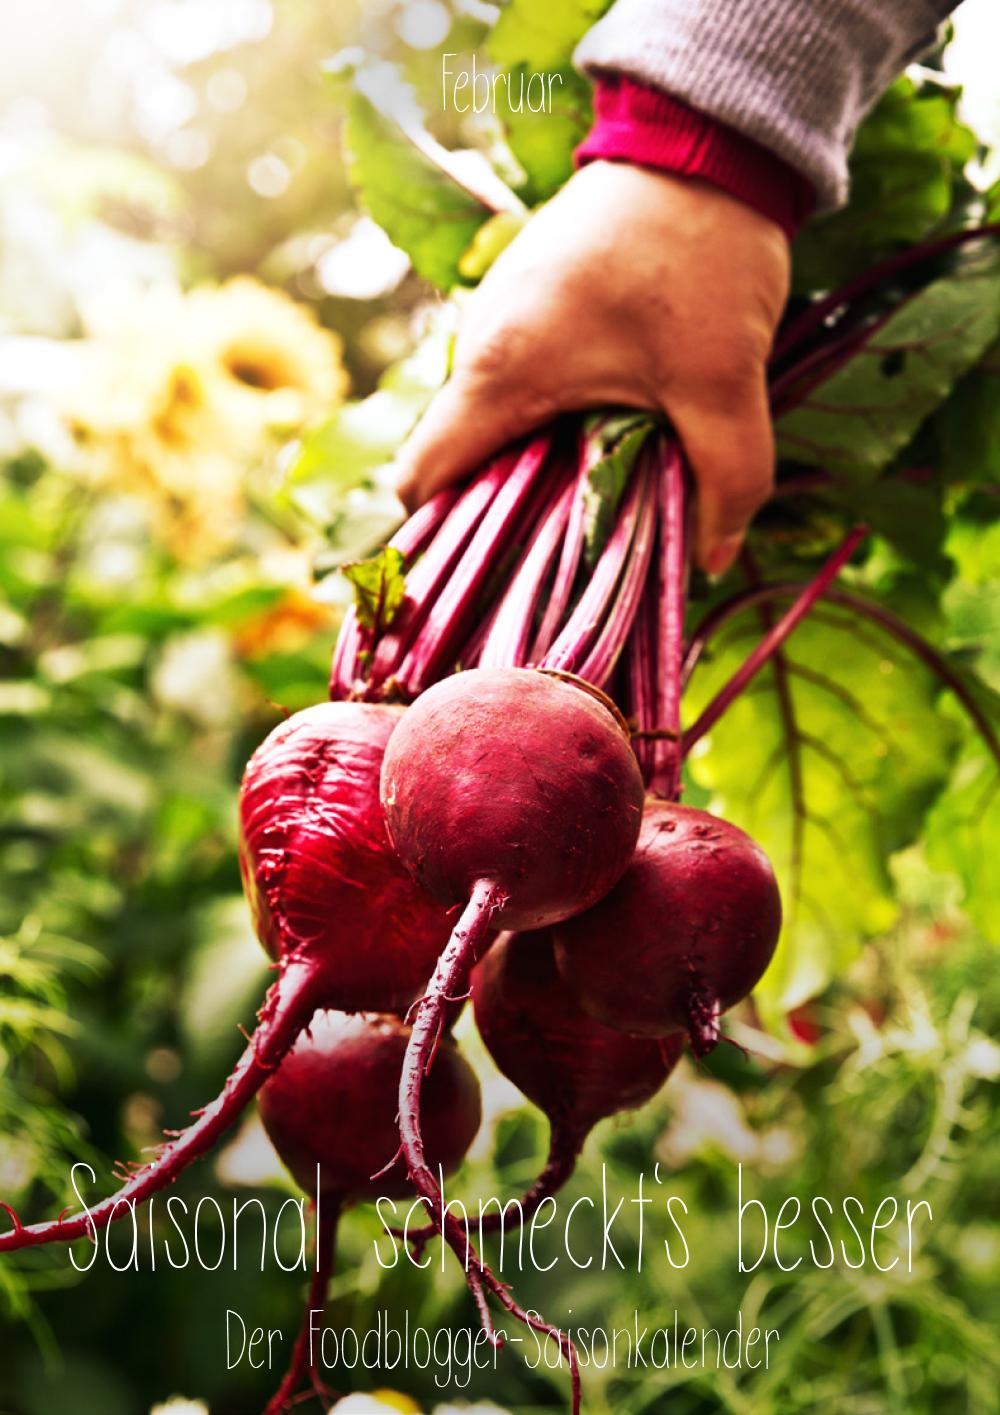 Saisonal schmeckts besser - Der Foodblogger Saisonkalender - Februar